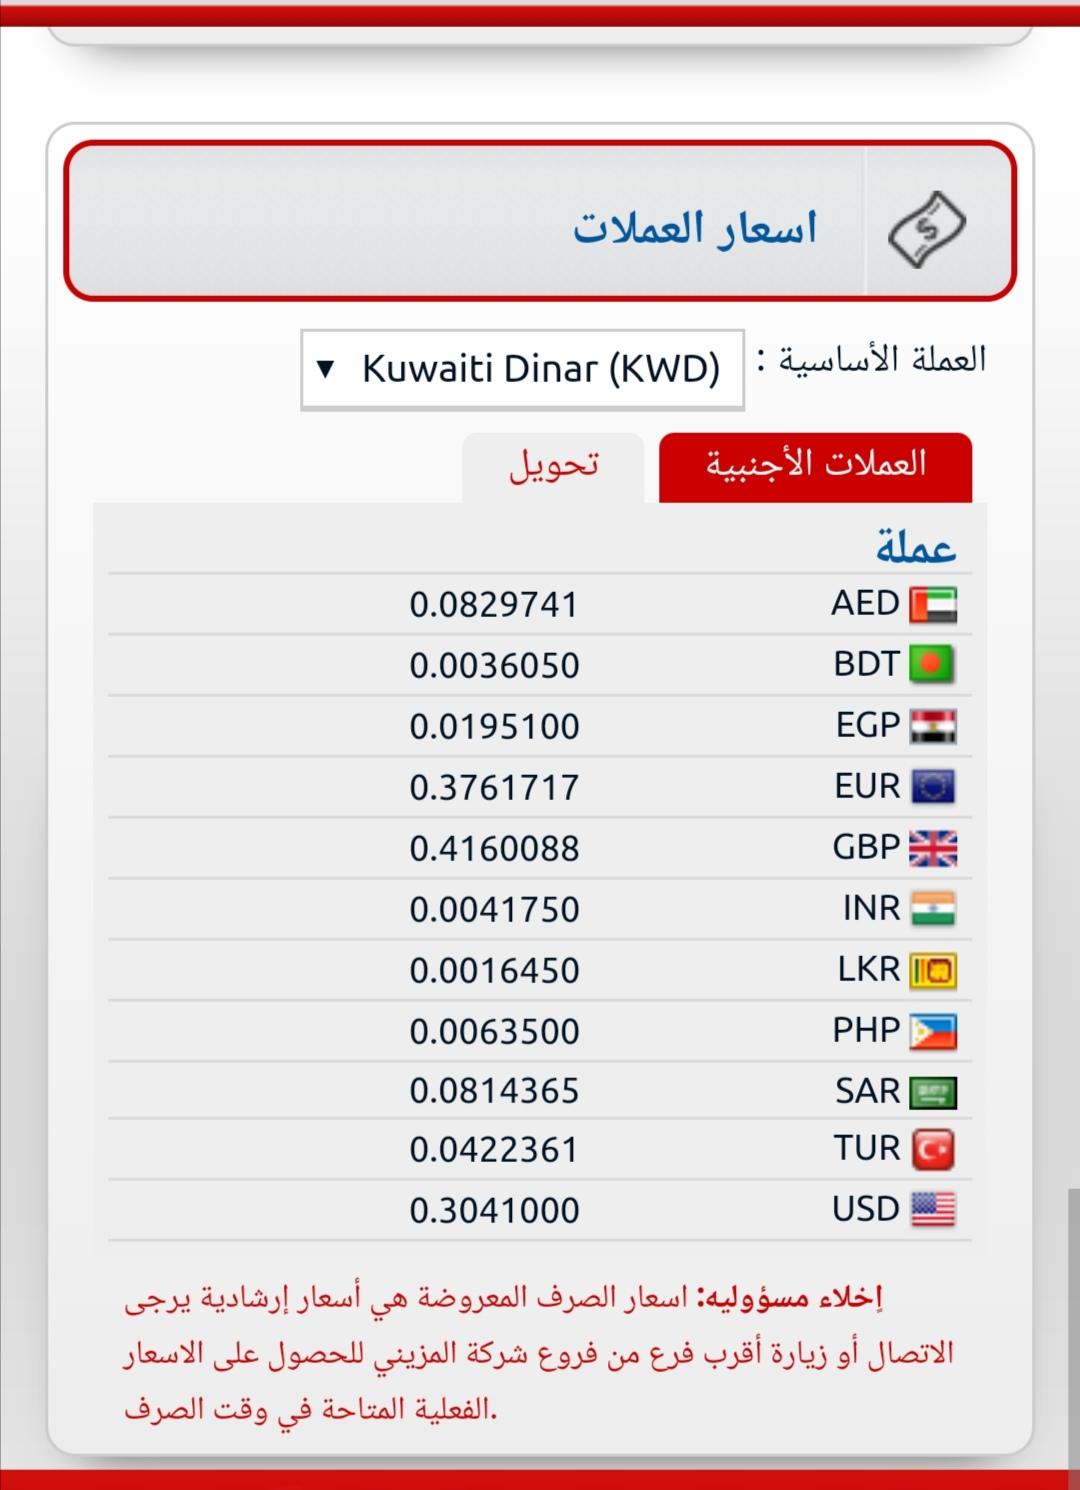 سعر الالف في المزيني اليوم تحويل بالحساب شركة المزيني للصرافة ٣٠ ديسمبر ٢٠٢٠